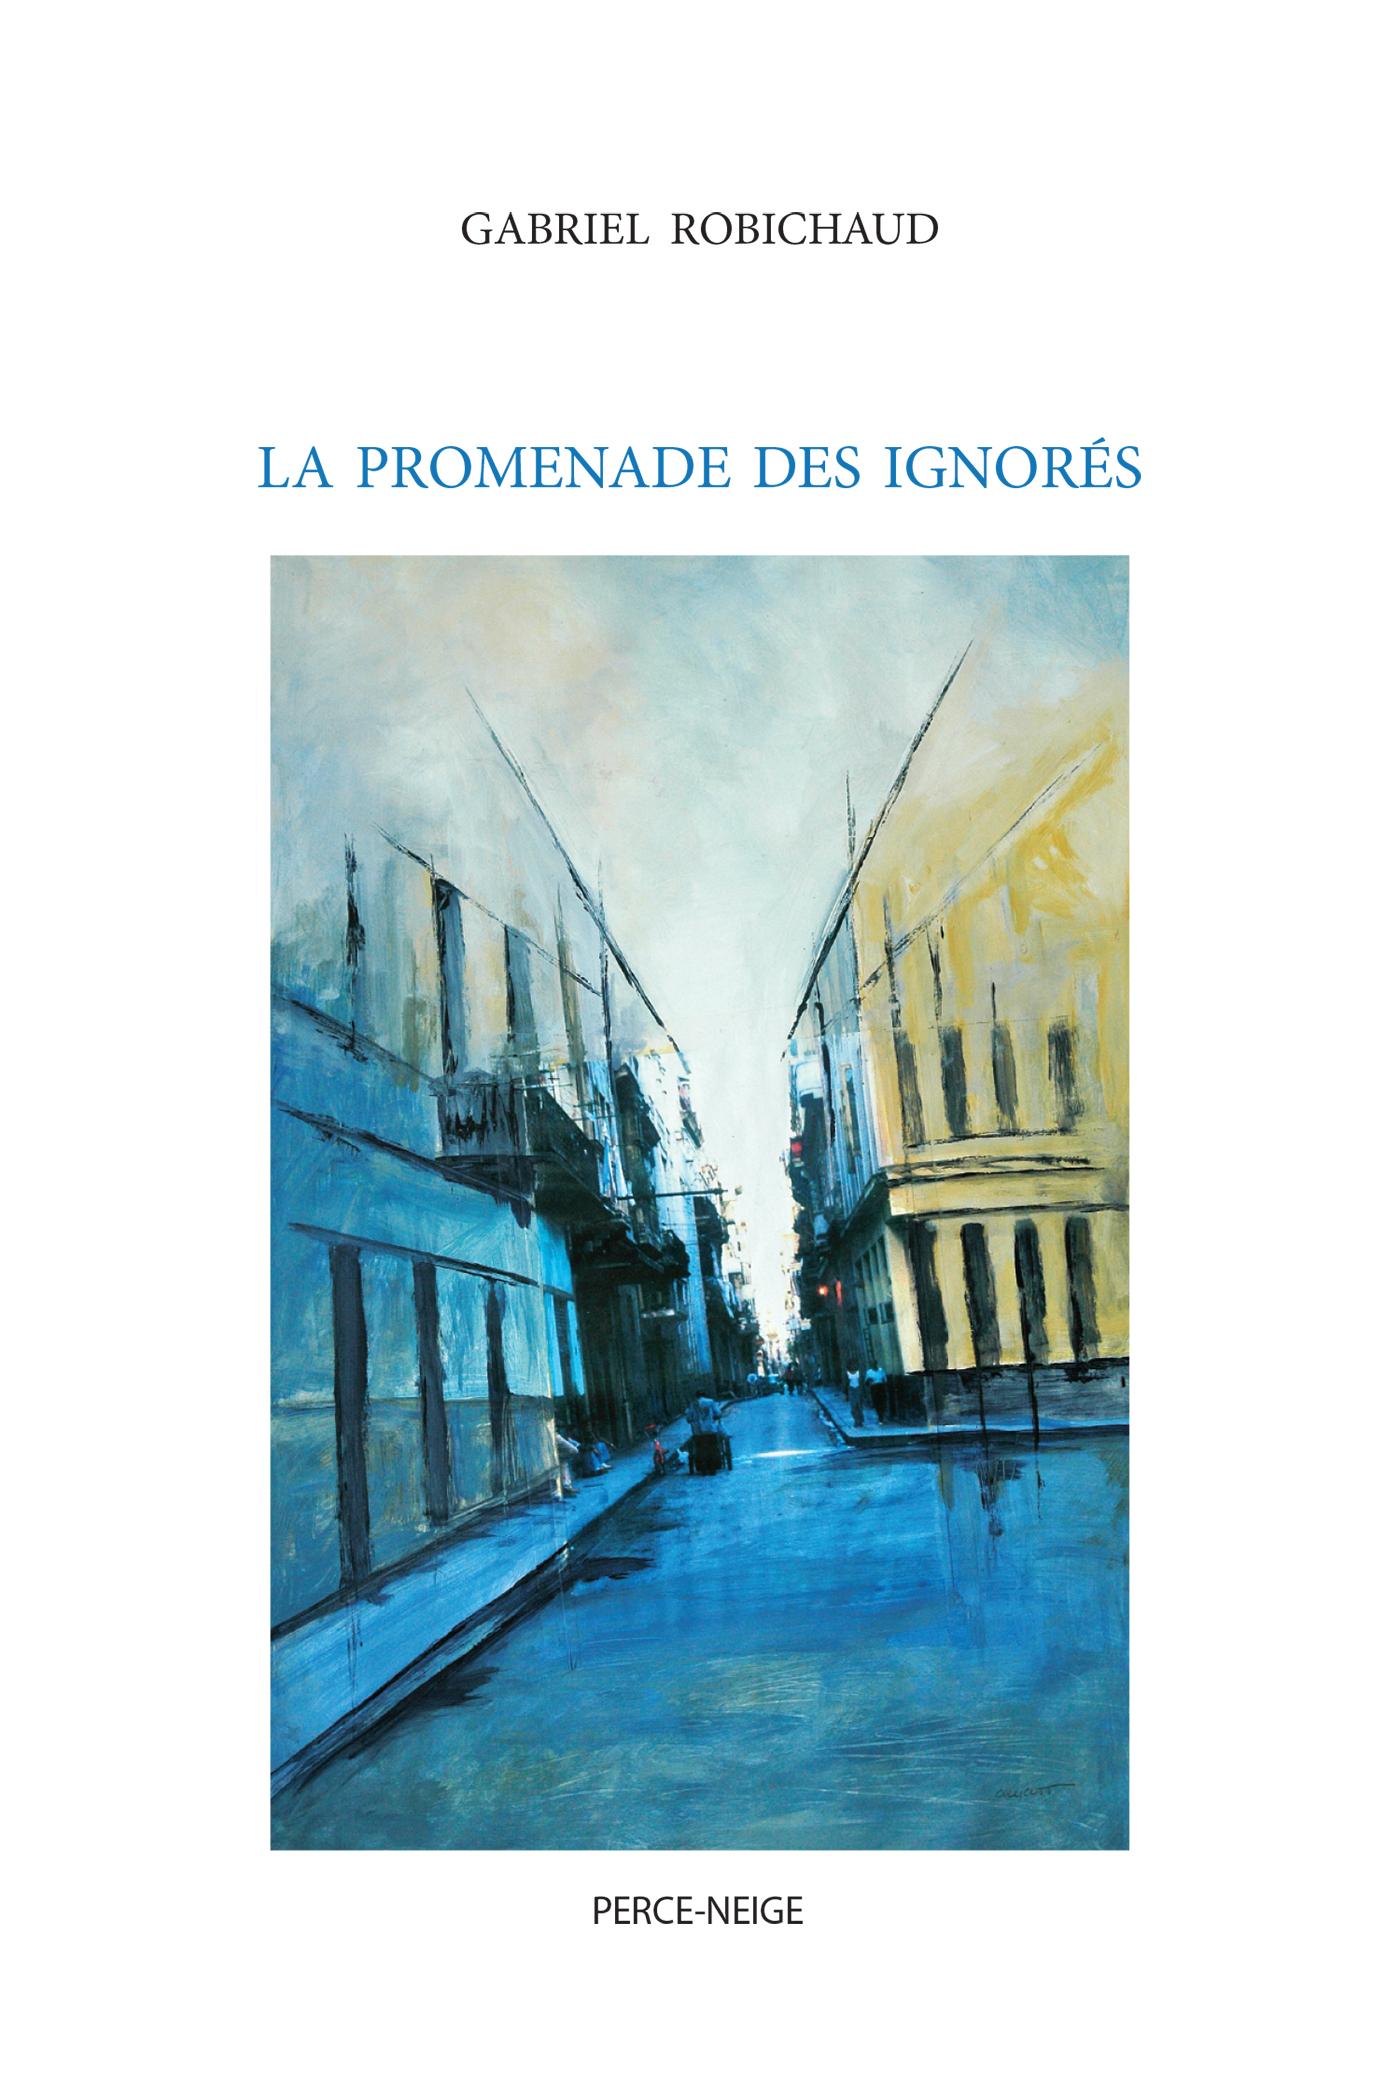 Couverture : Promenade des ignorés (La) Gabriel Robichaud